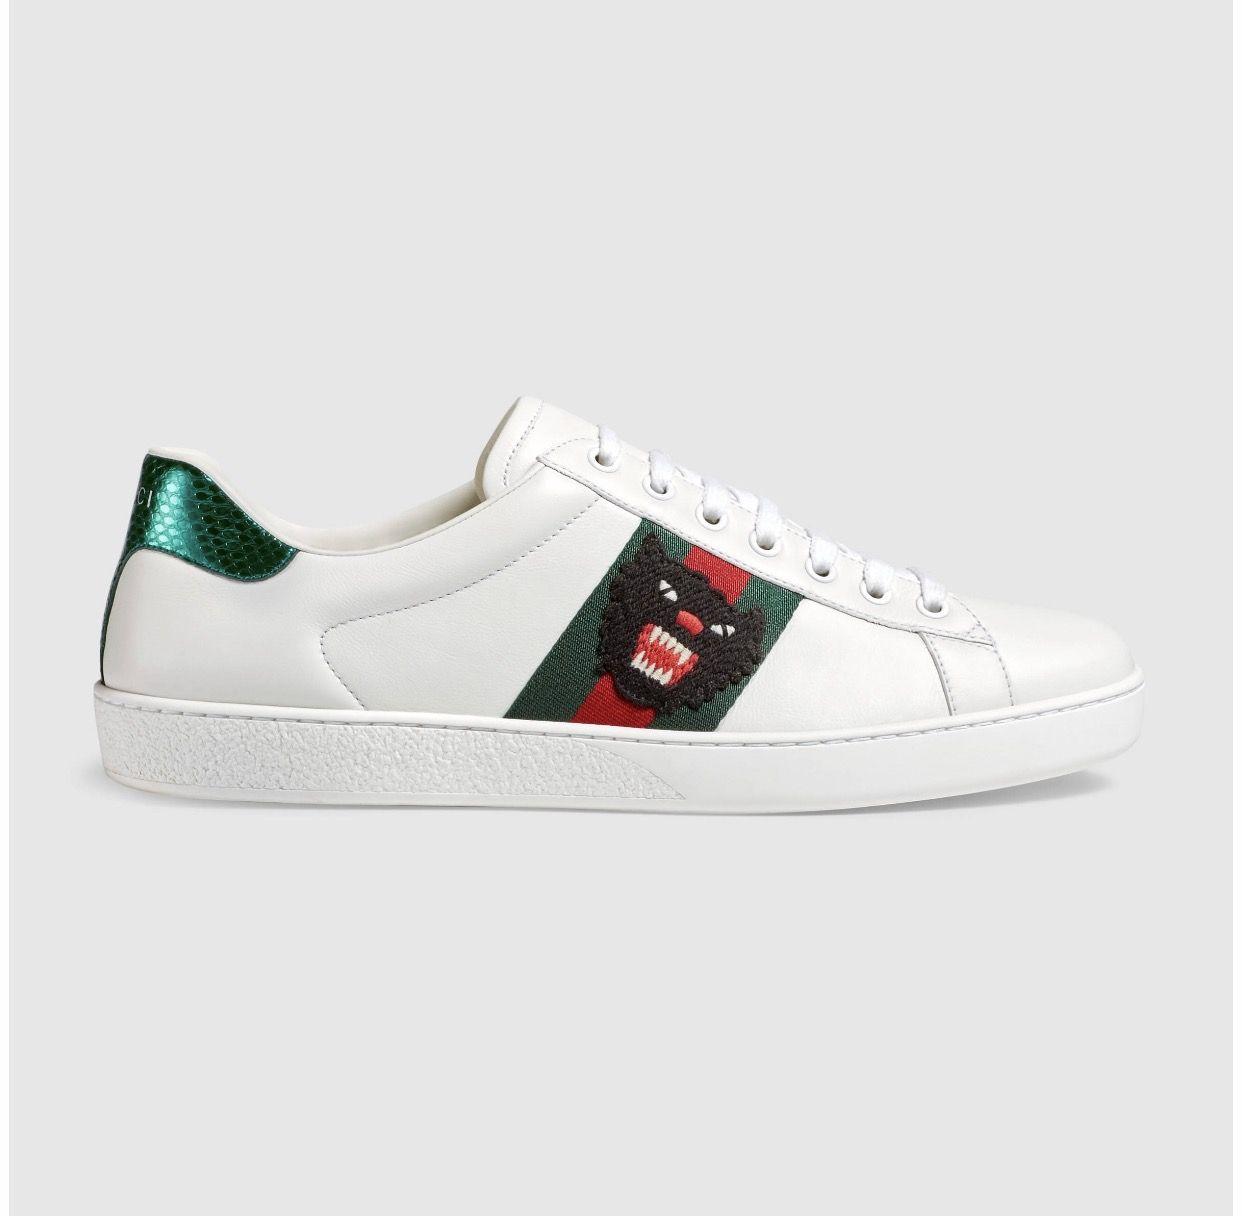 Nouvel Équilibre 999 Noir Et Blanc Moderne Bas-tops Et Chaussures De Sport kay744B0